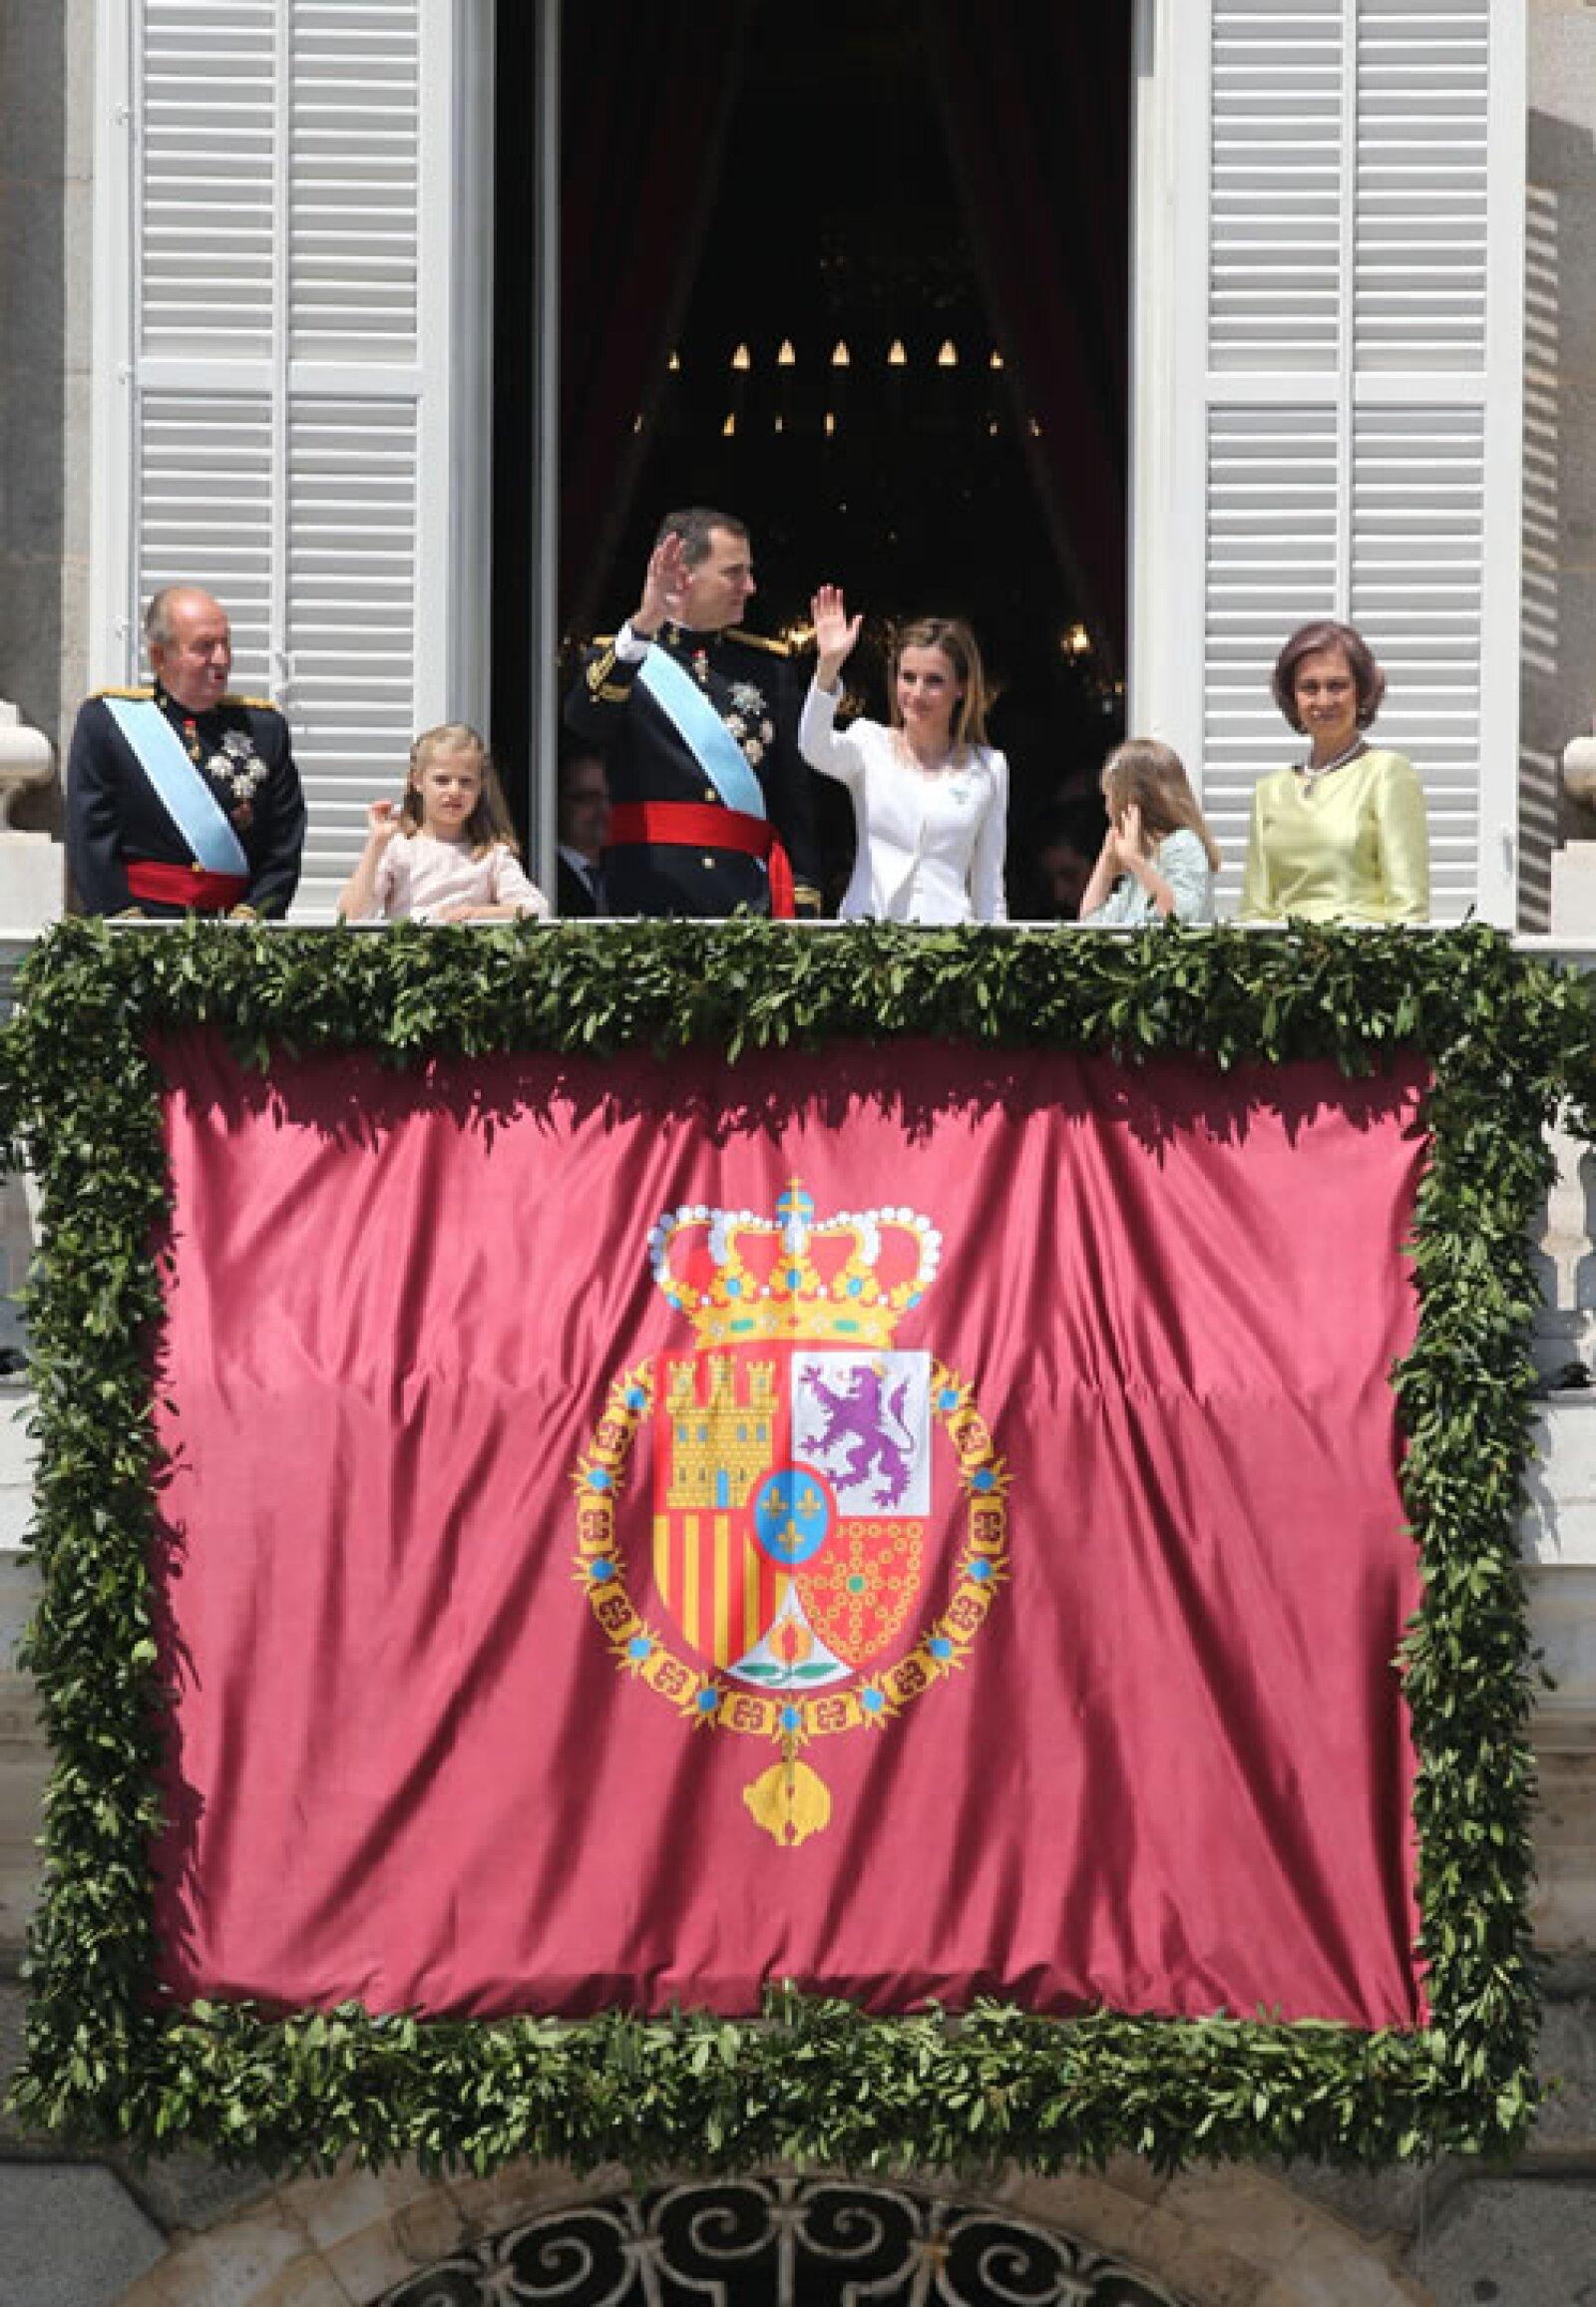 En el balcón también los acompañaron Don Juan Carlos y Doña Sofía, quienes no estarán en la gala que ofrecerán los nuevos reyes más tarde.